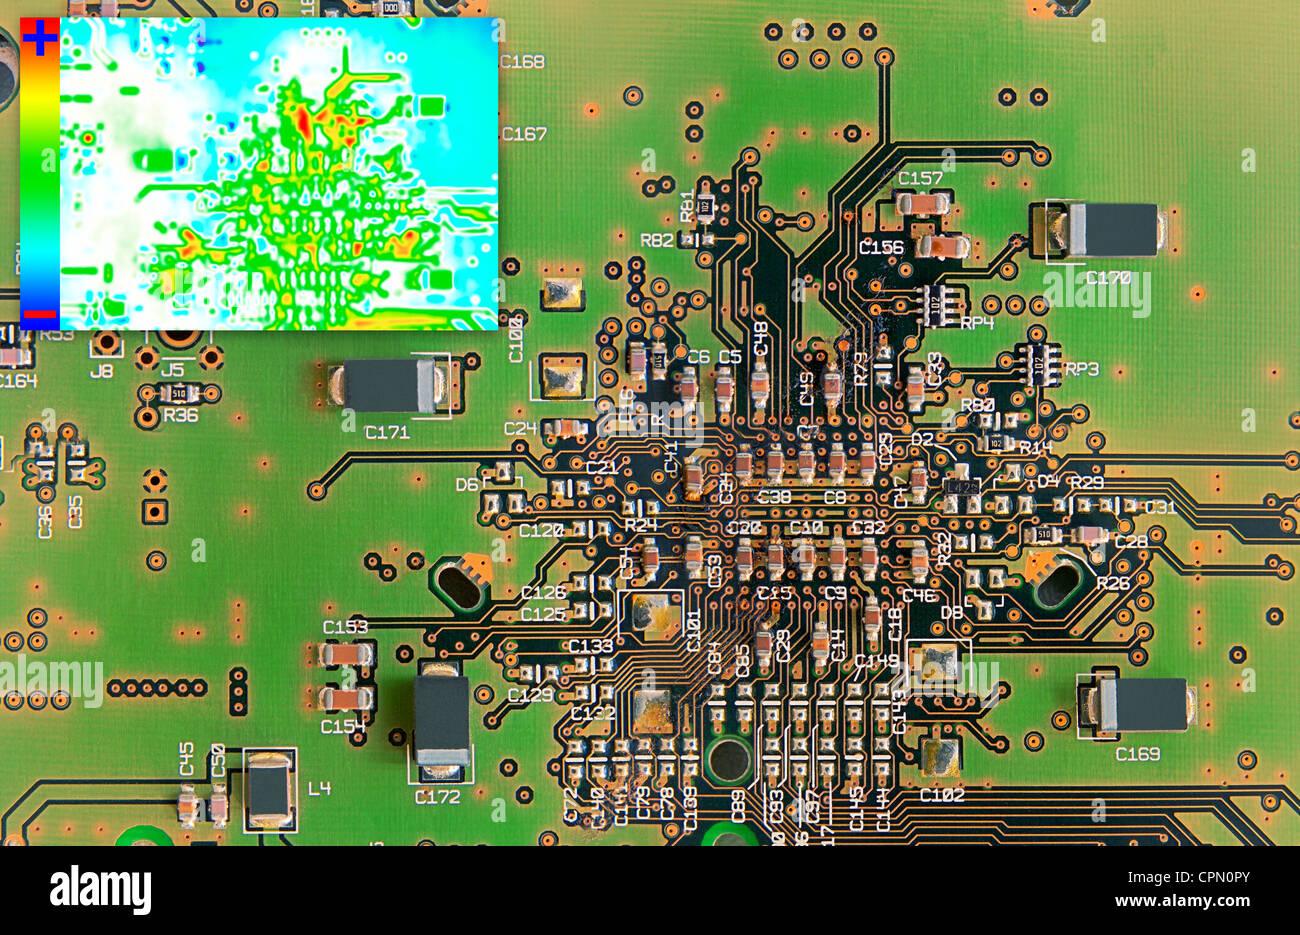 Grüne Elektronikplatine mit Wärmebild-Diagramm für die Fehlererkennung Stockbild